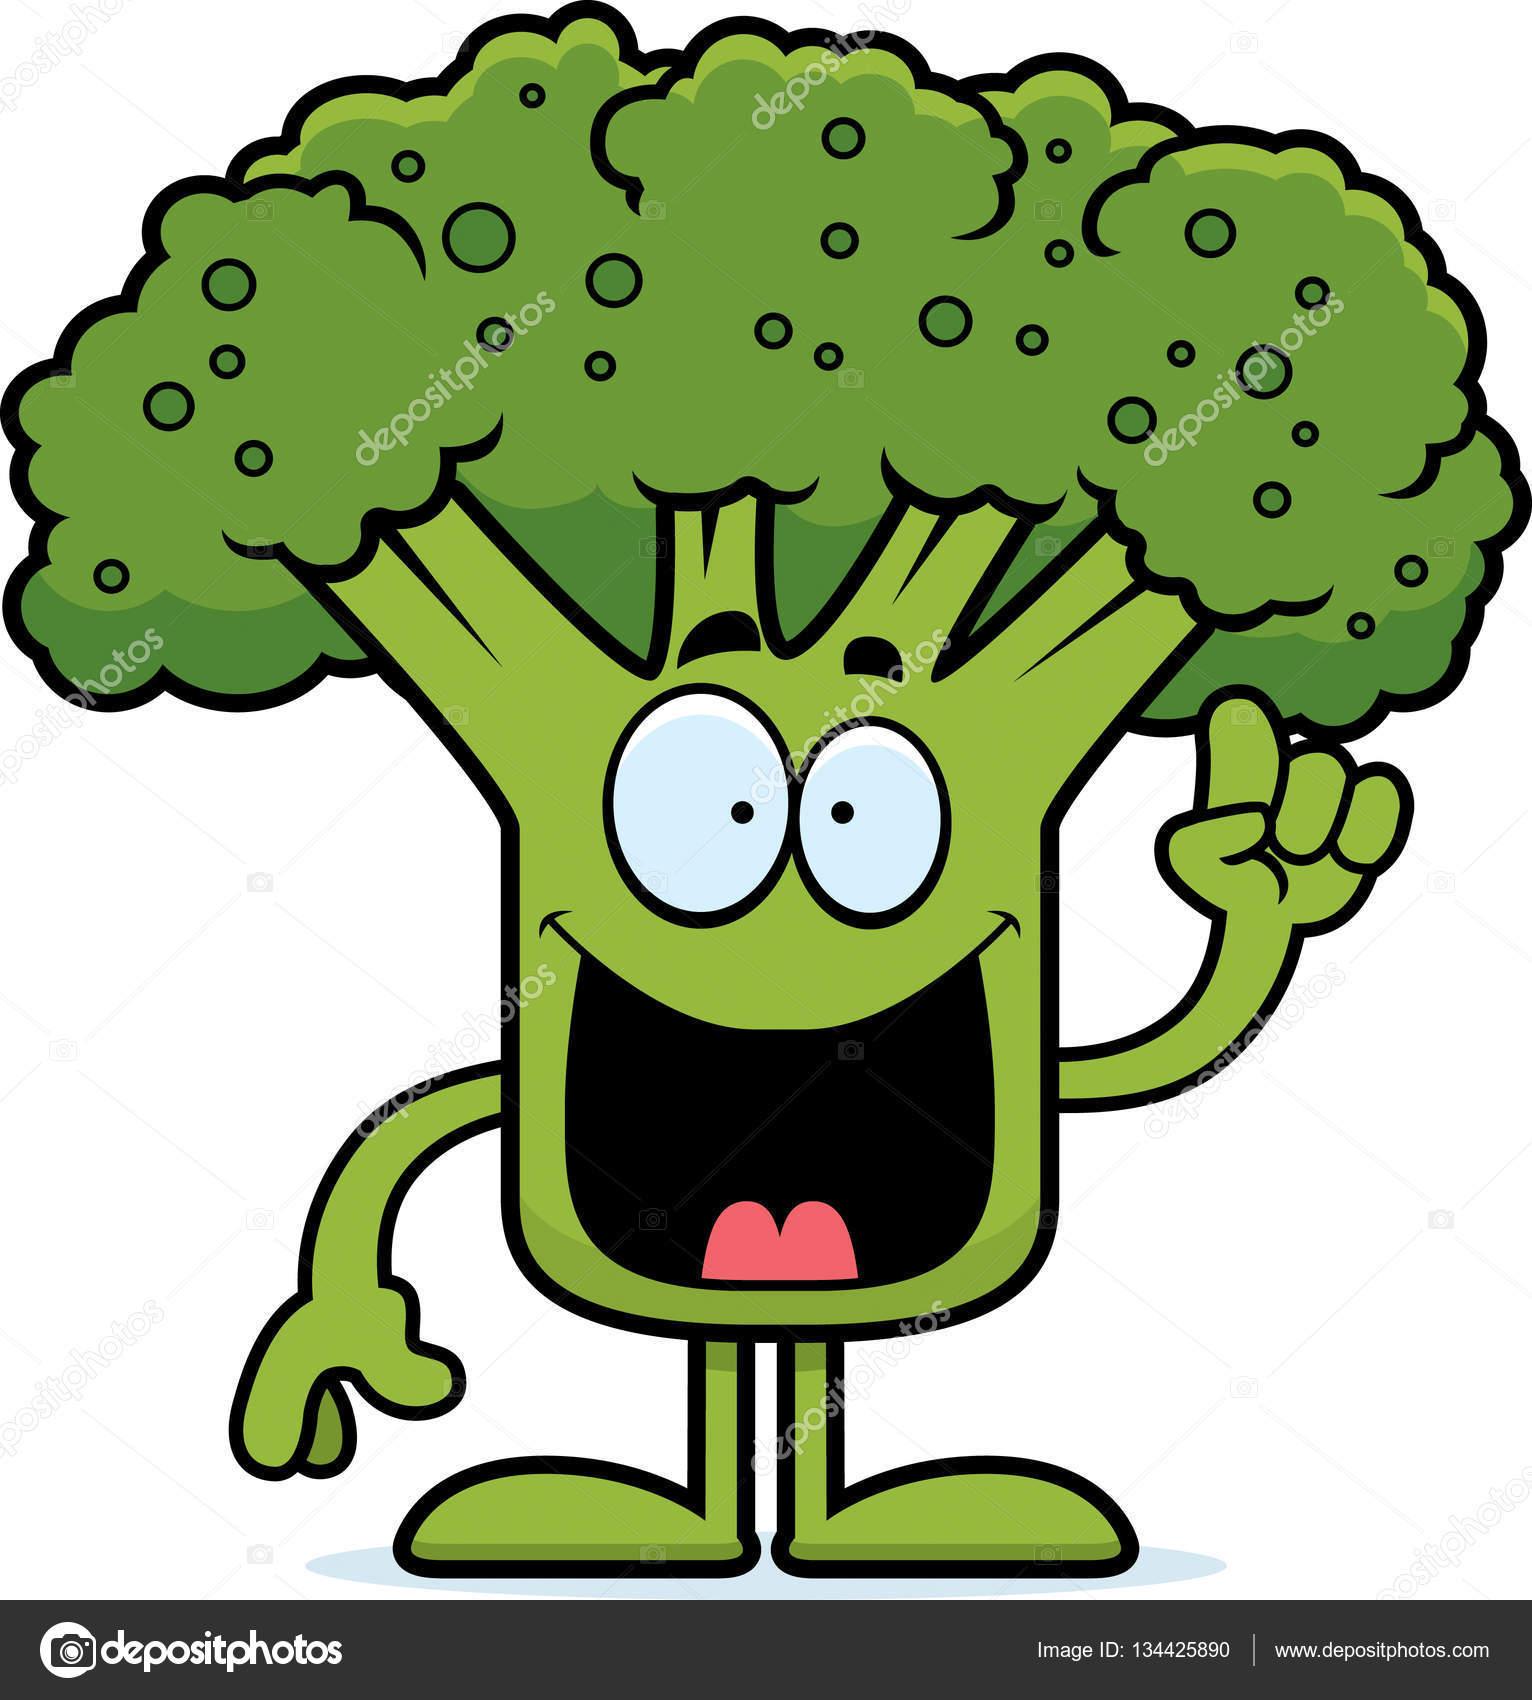 ideia de brócolis dos desenhos animados vetores de stock cthoman